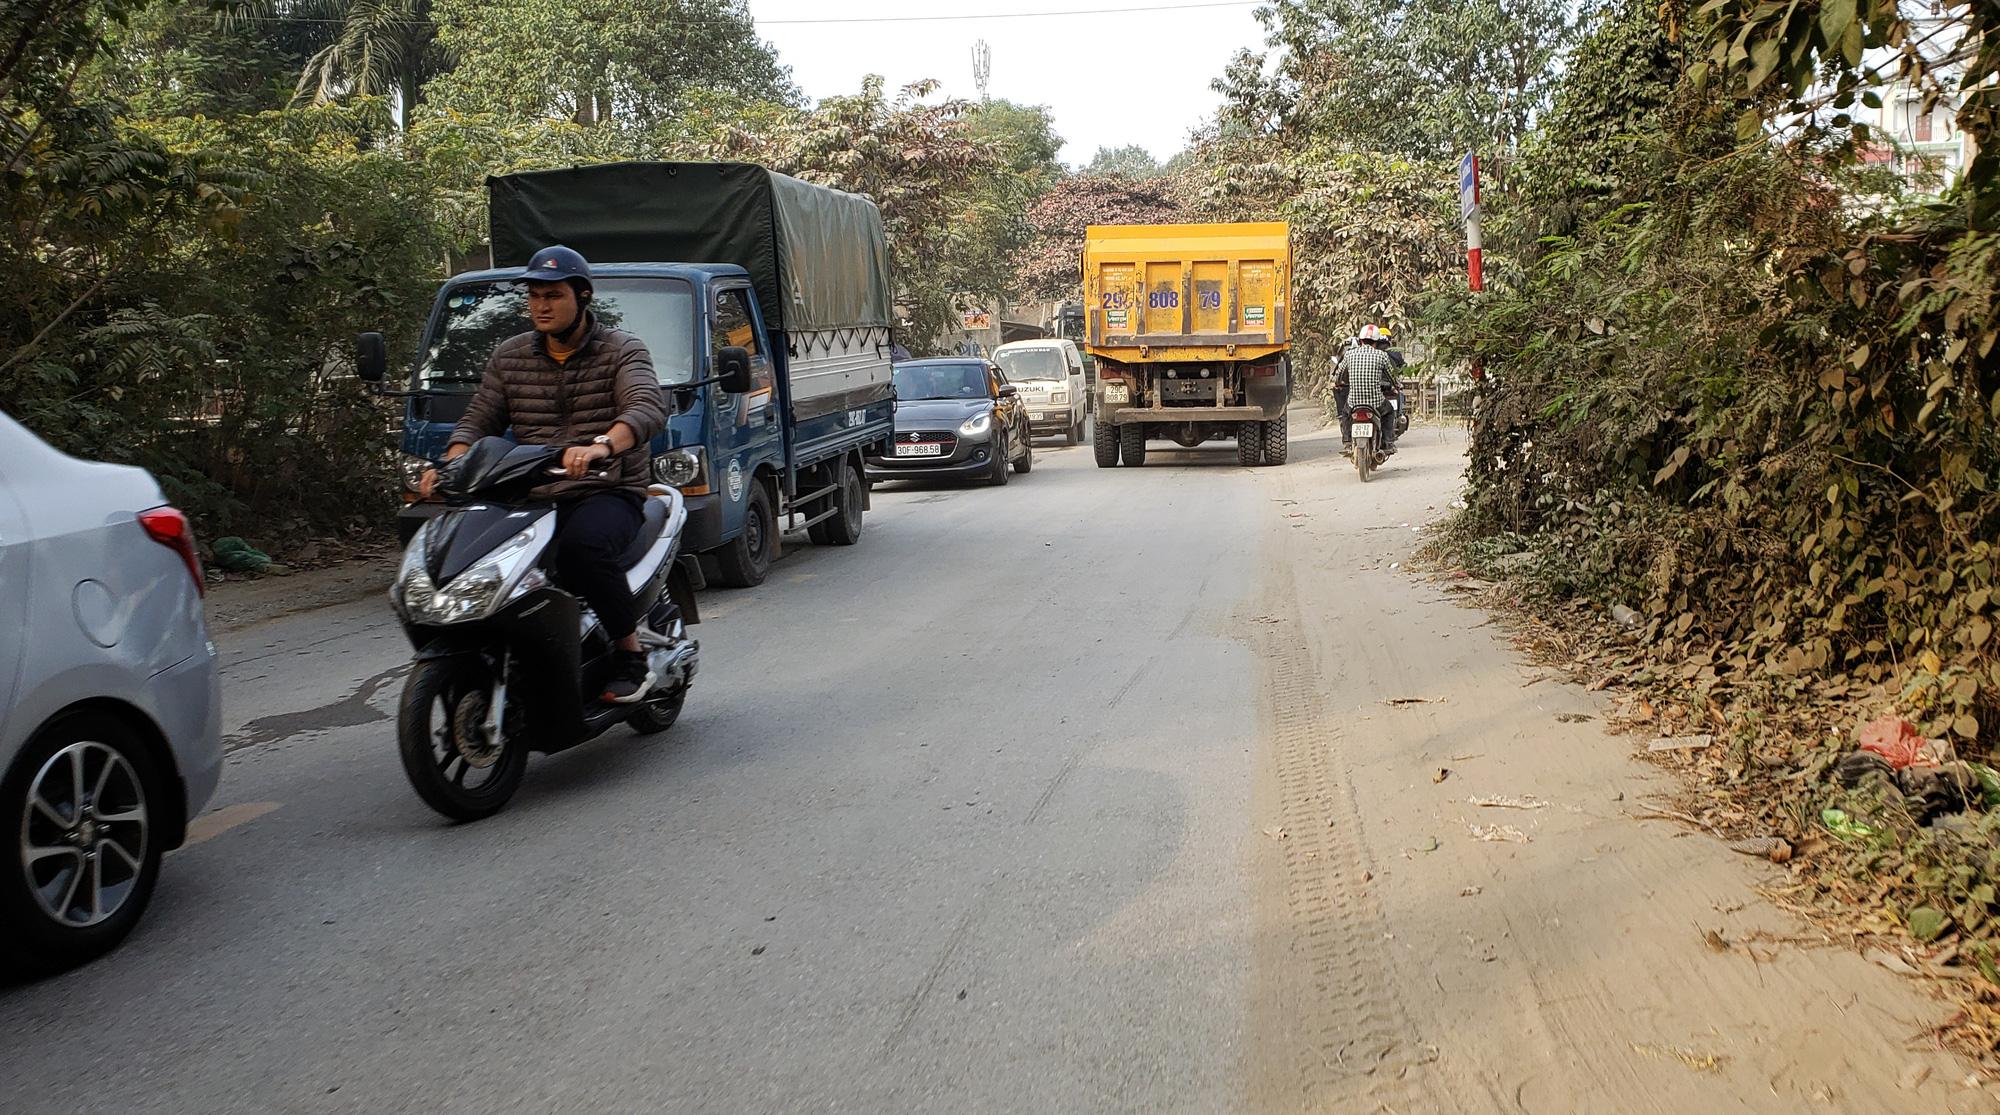 Hà Nội ô nhiễm không khí, người dân thêm khổ khi hít bụi mù mịt trên đường 70 đoạn Nhổn - Hà Đông - Ảnh 5.